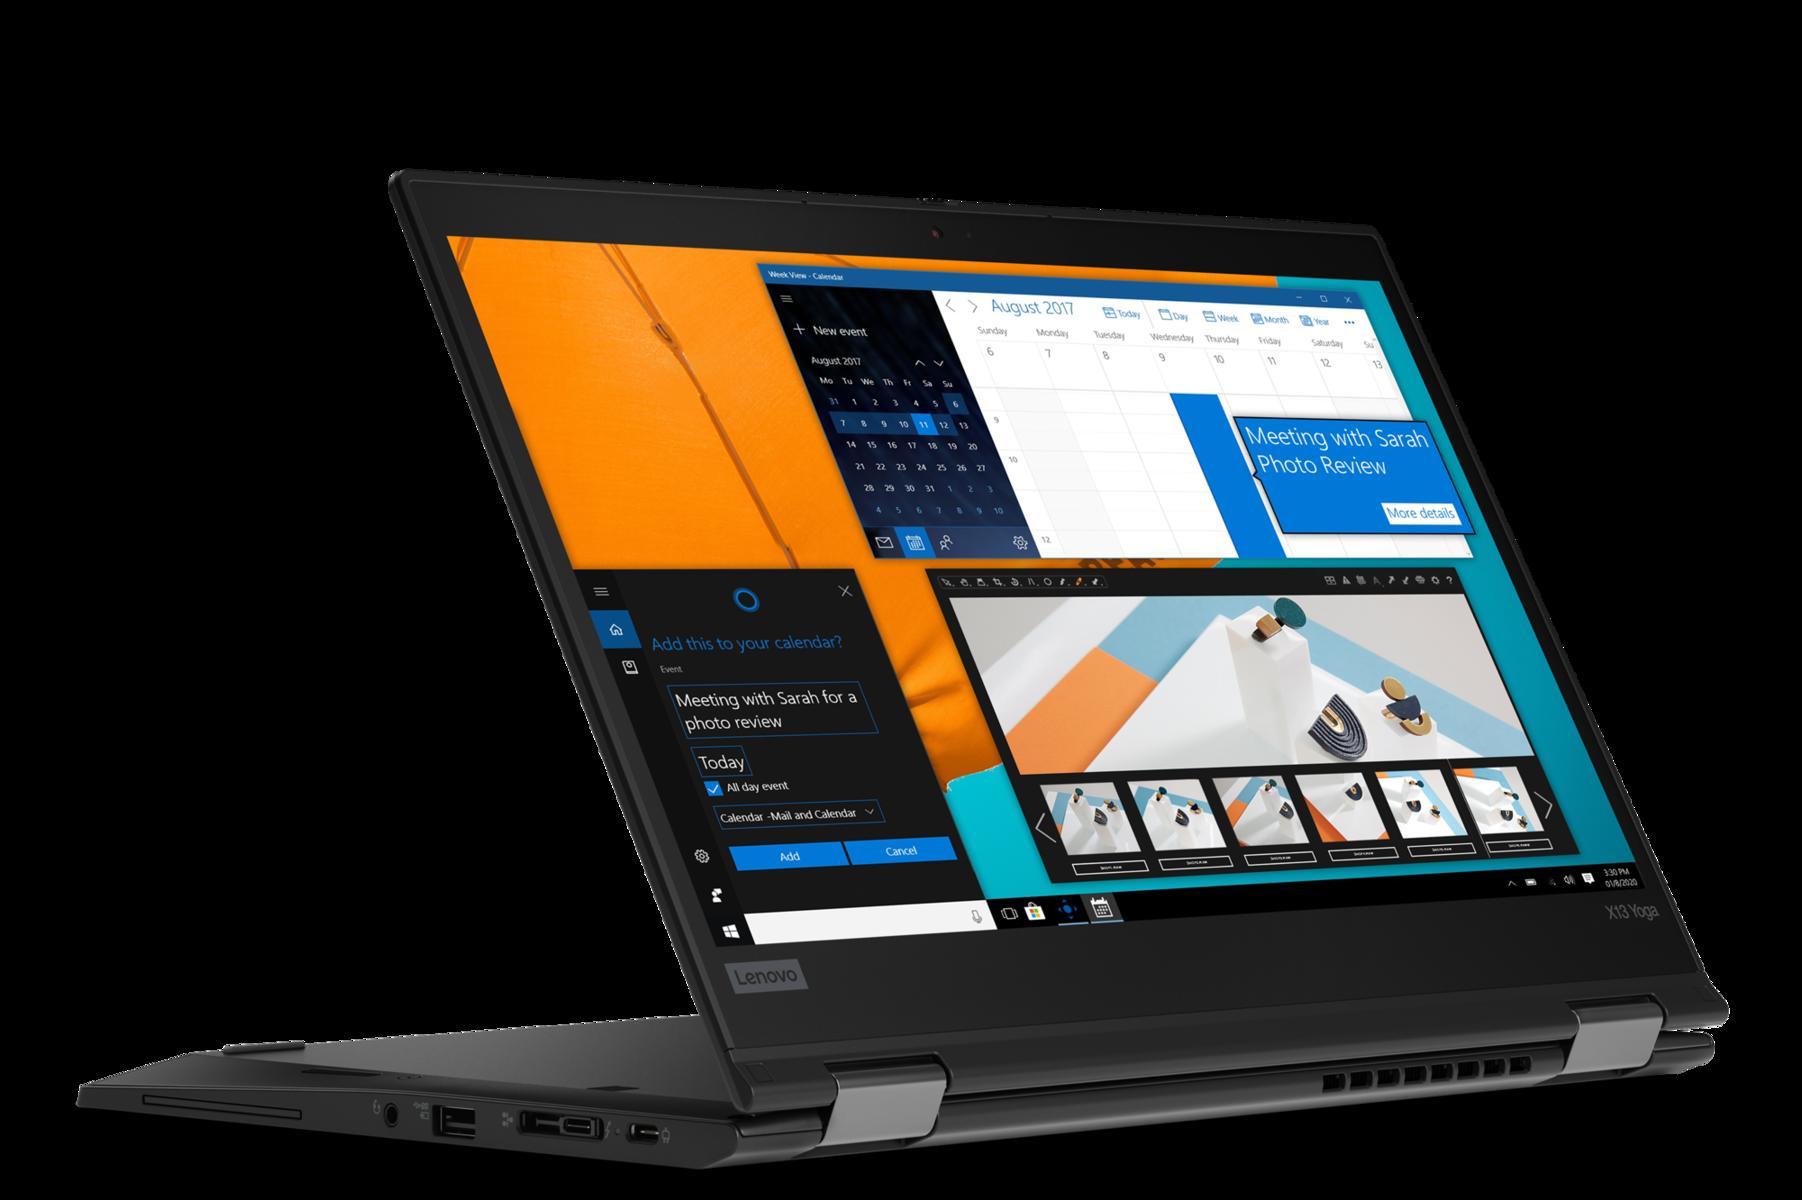 ThinkPad image